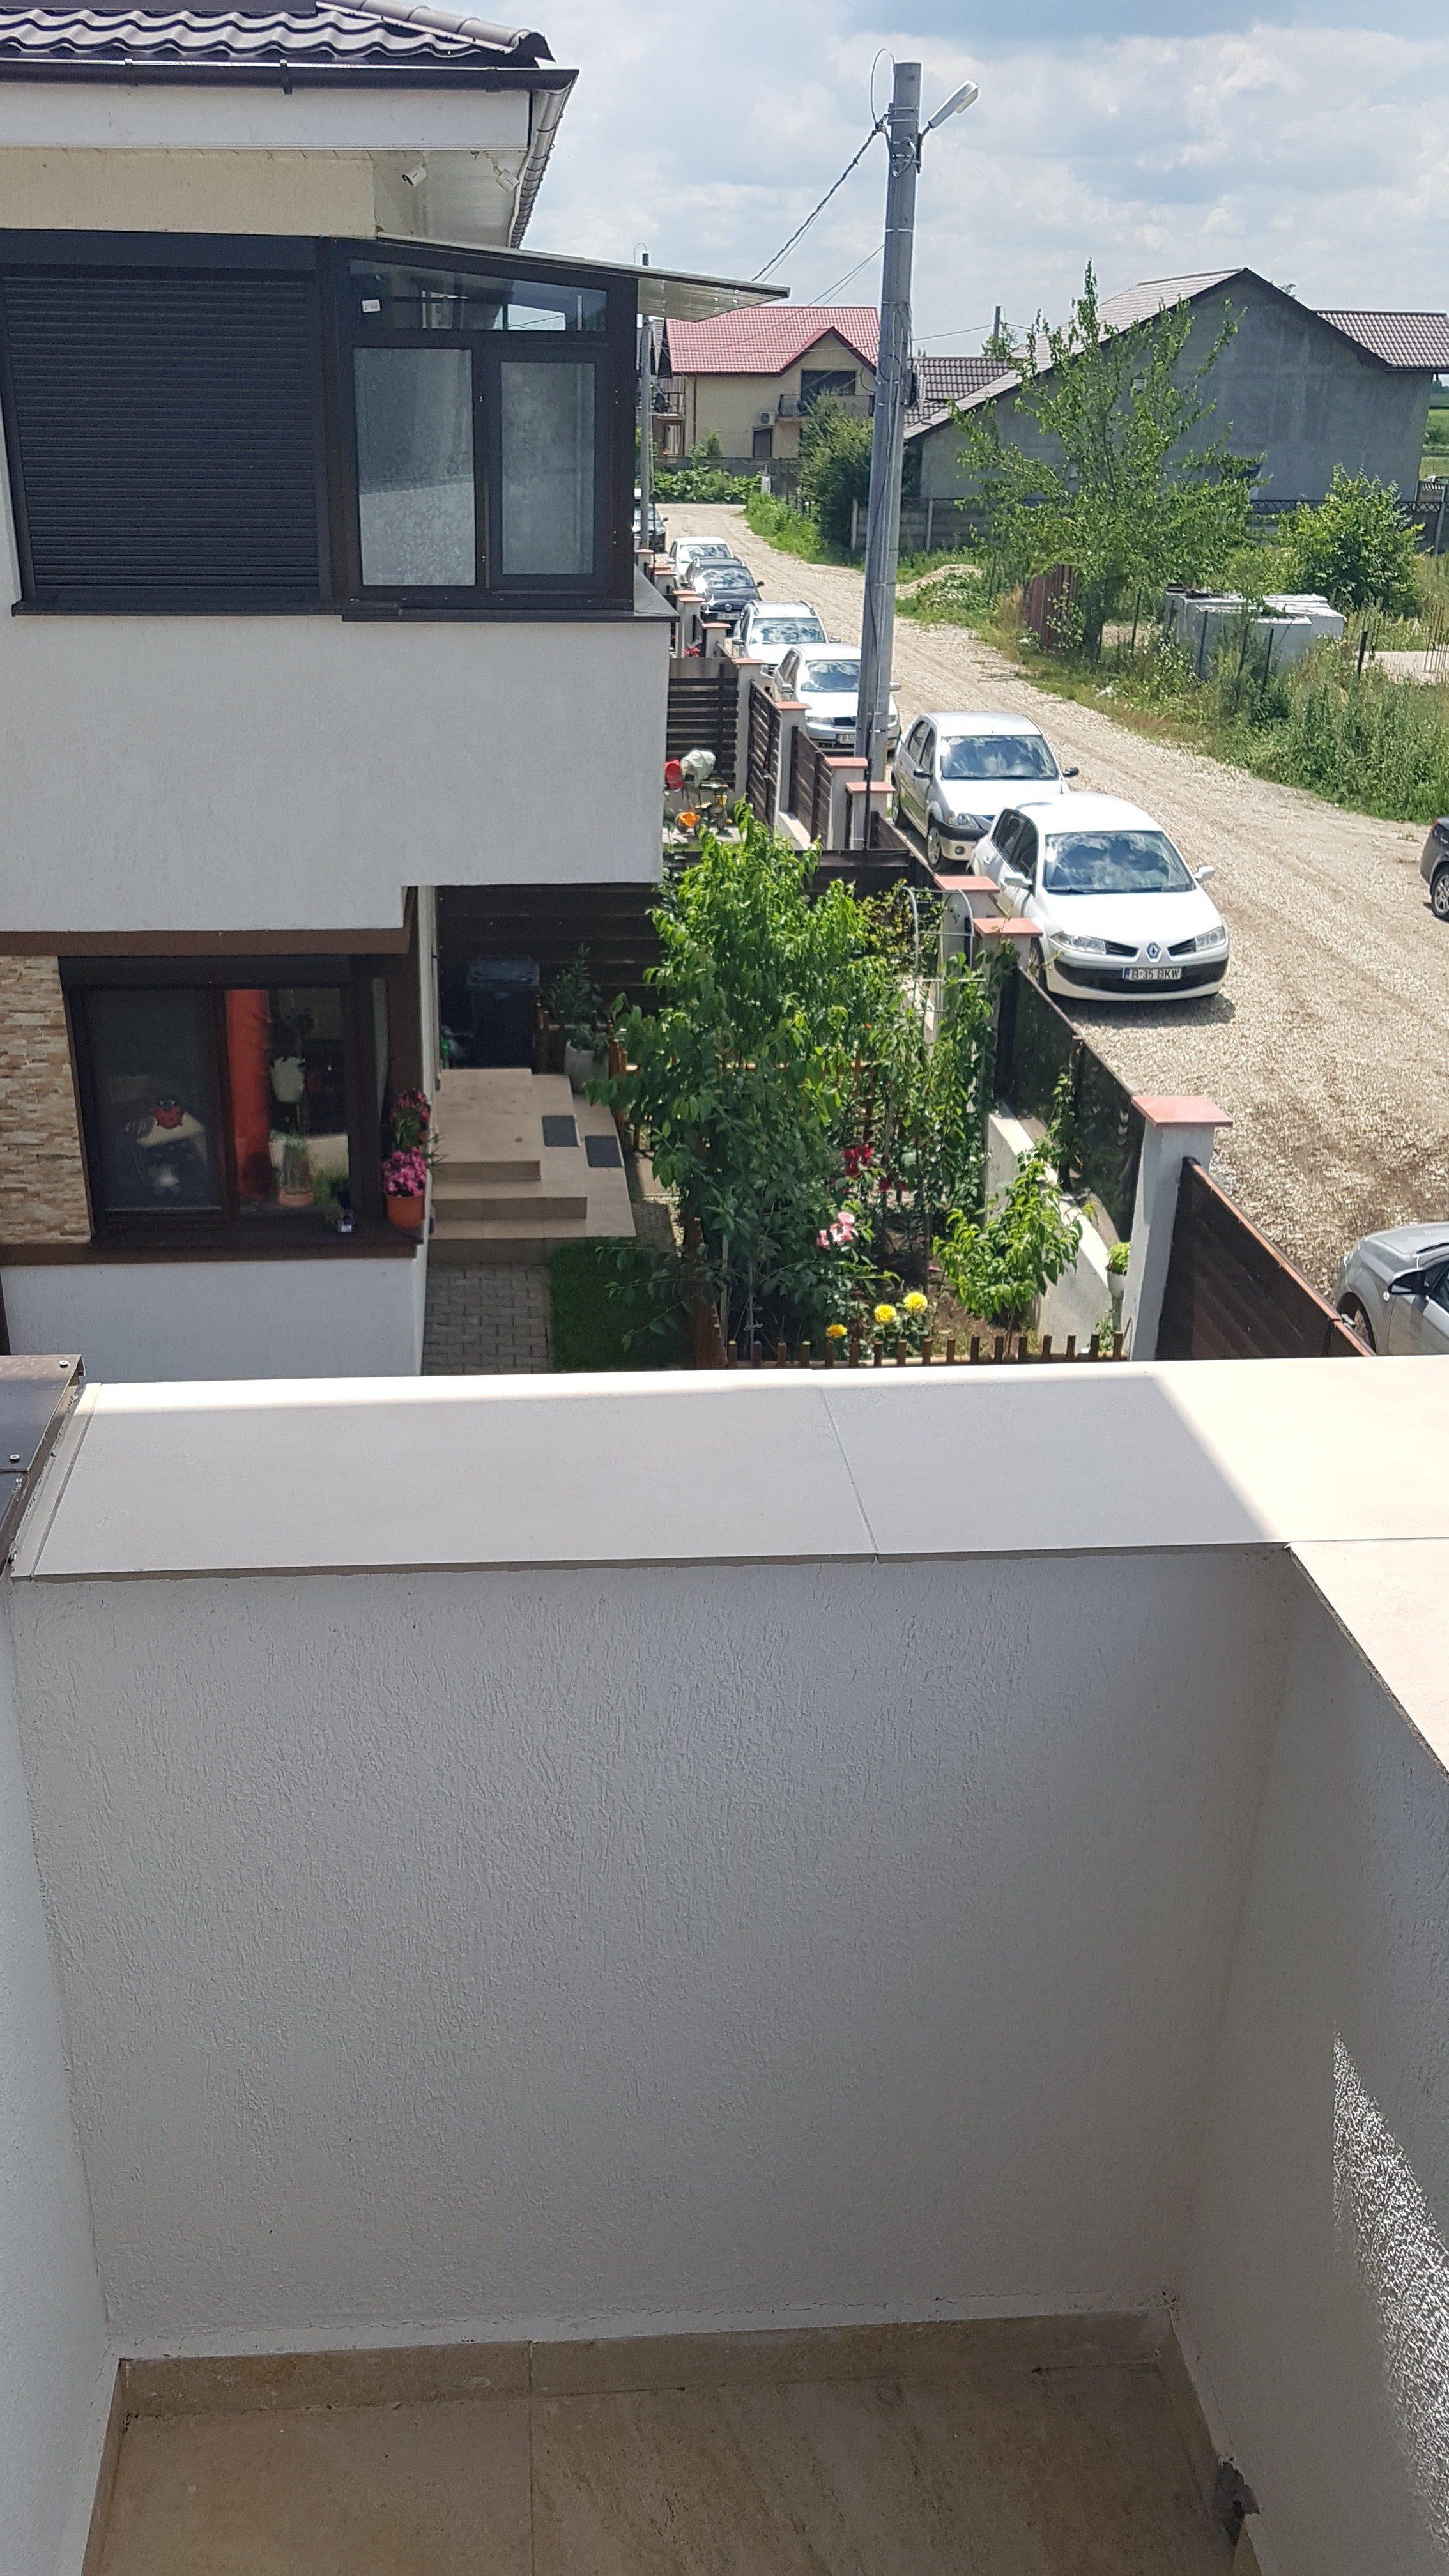 vanzare-casa-berceni-ilfov-david-balcon-vecini-e1497465677778